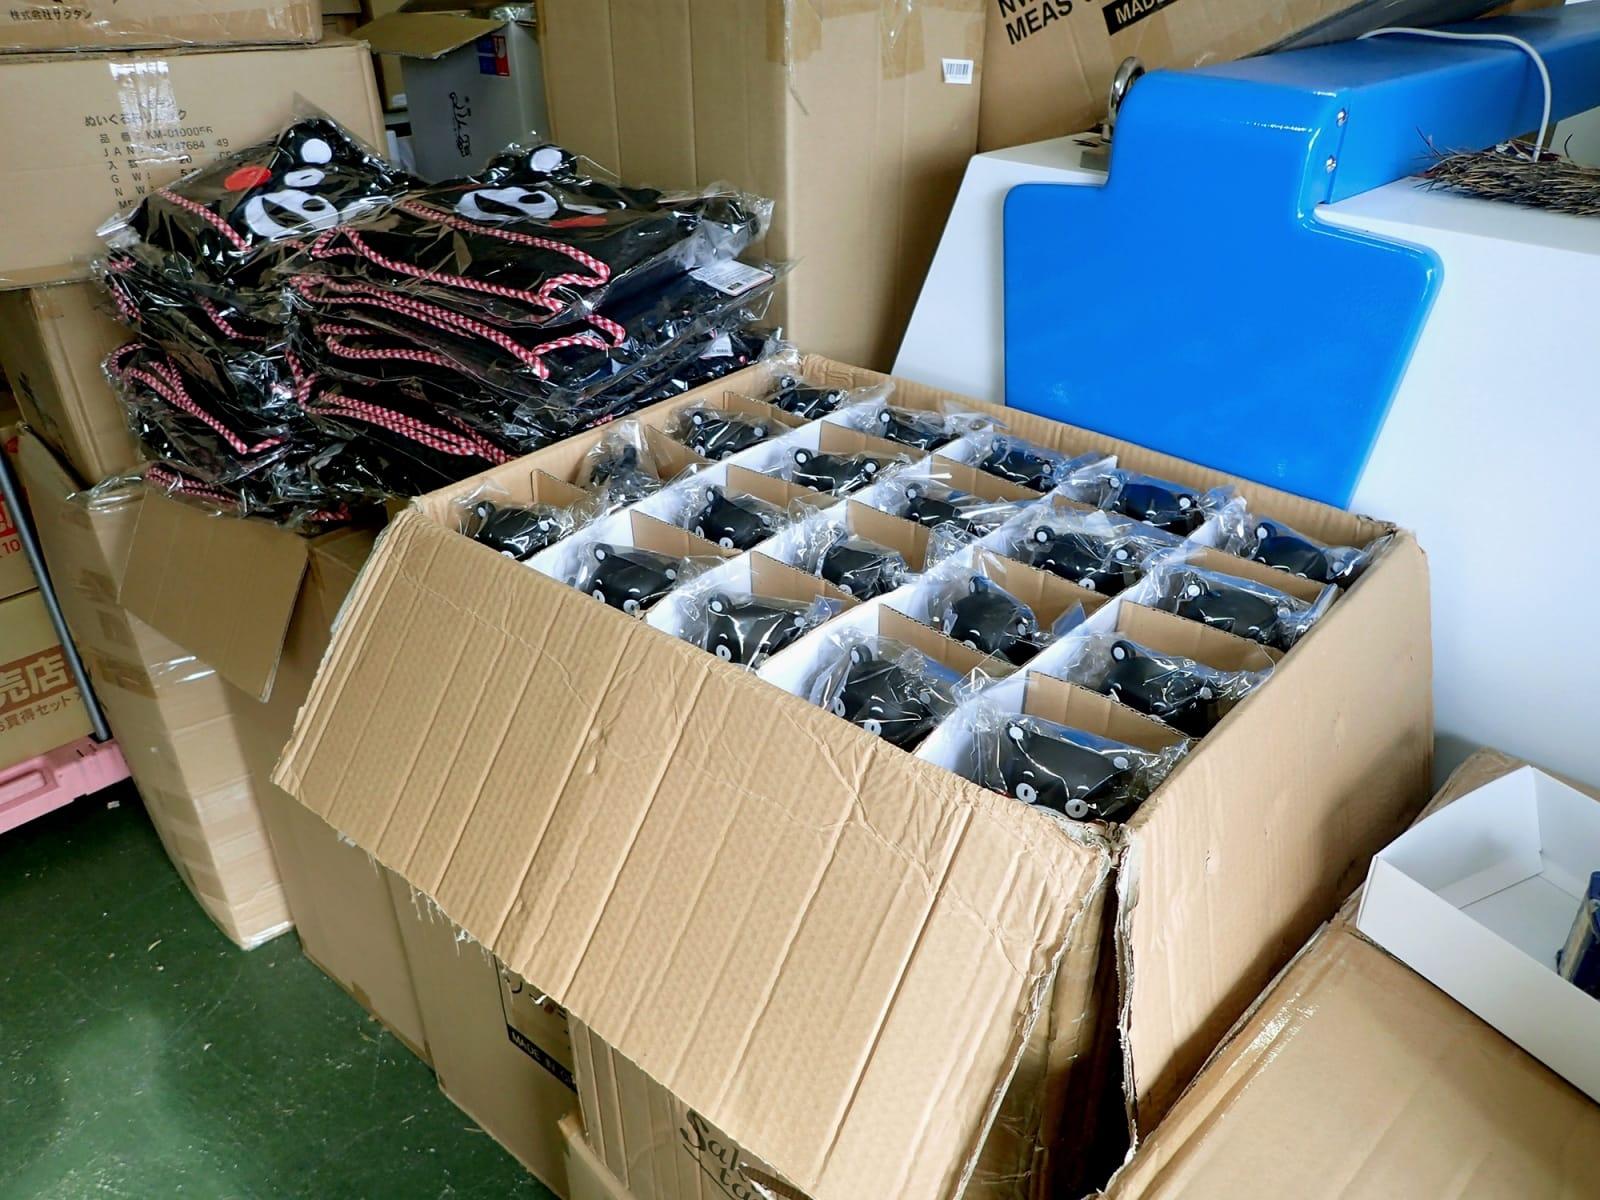 くまモン関連商品の海外販売全面解禁の発表を受け、仕入れを保留された商品の山